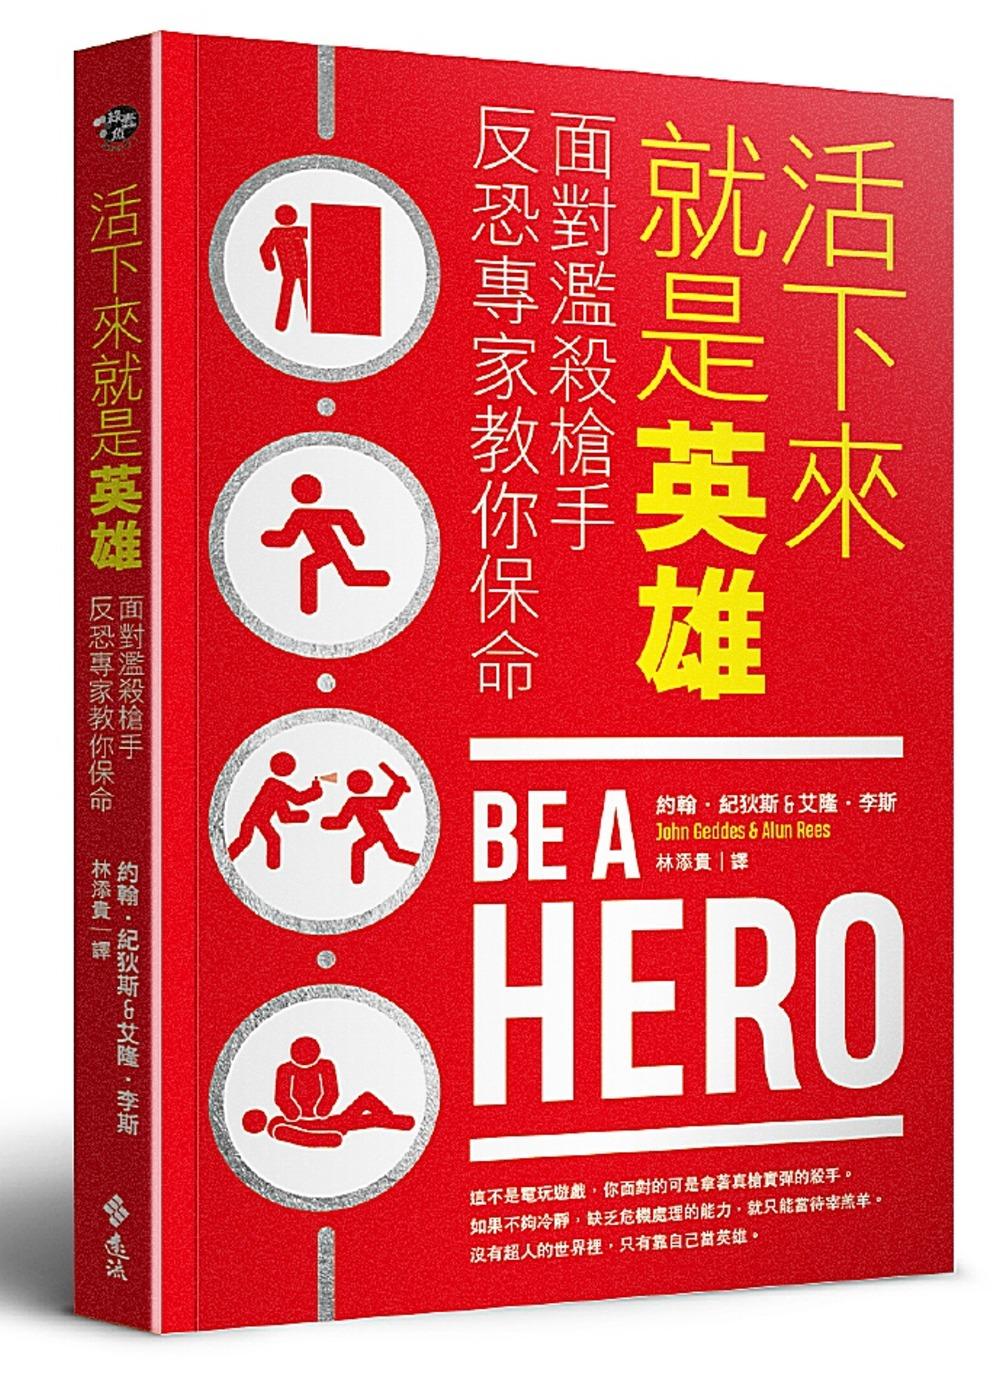 《活下來就是英雄:面對濫殺槍手反恐專家教你保命》 商品條碼,ISBN:9789573282273